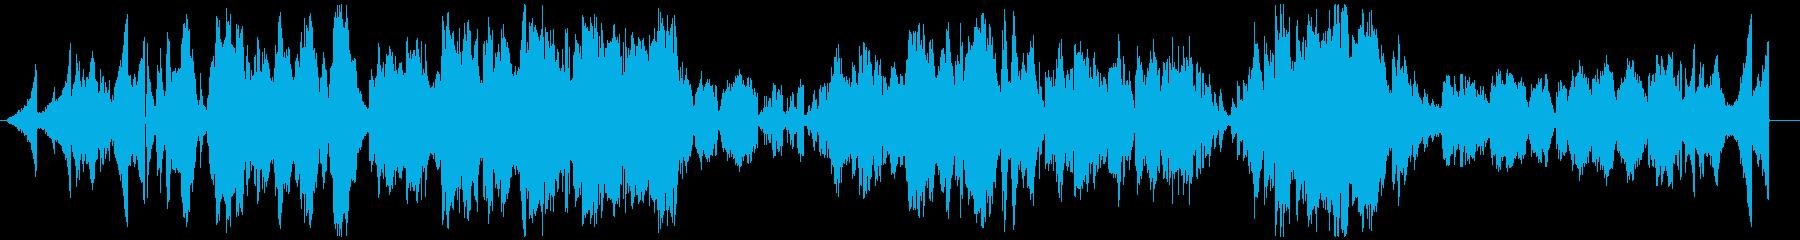 ピアノノイズです。ピアノ楽曲ではありま…の再生済みの波形